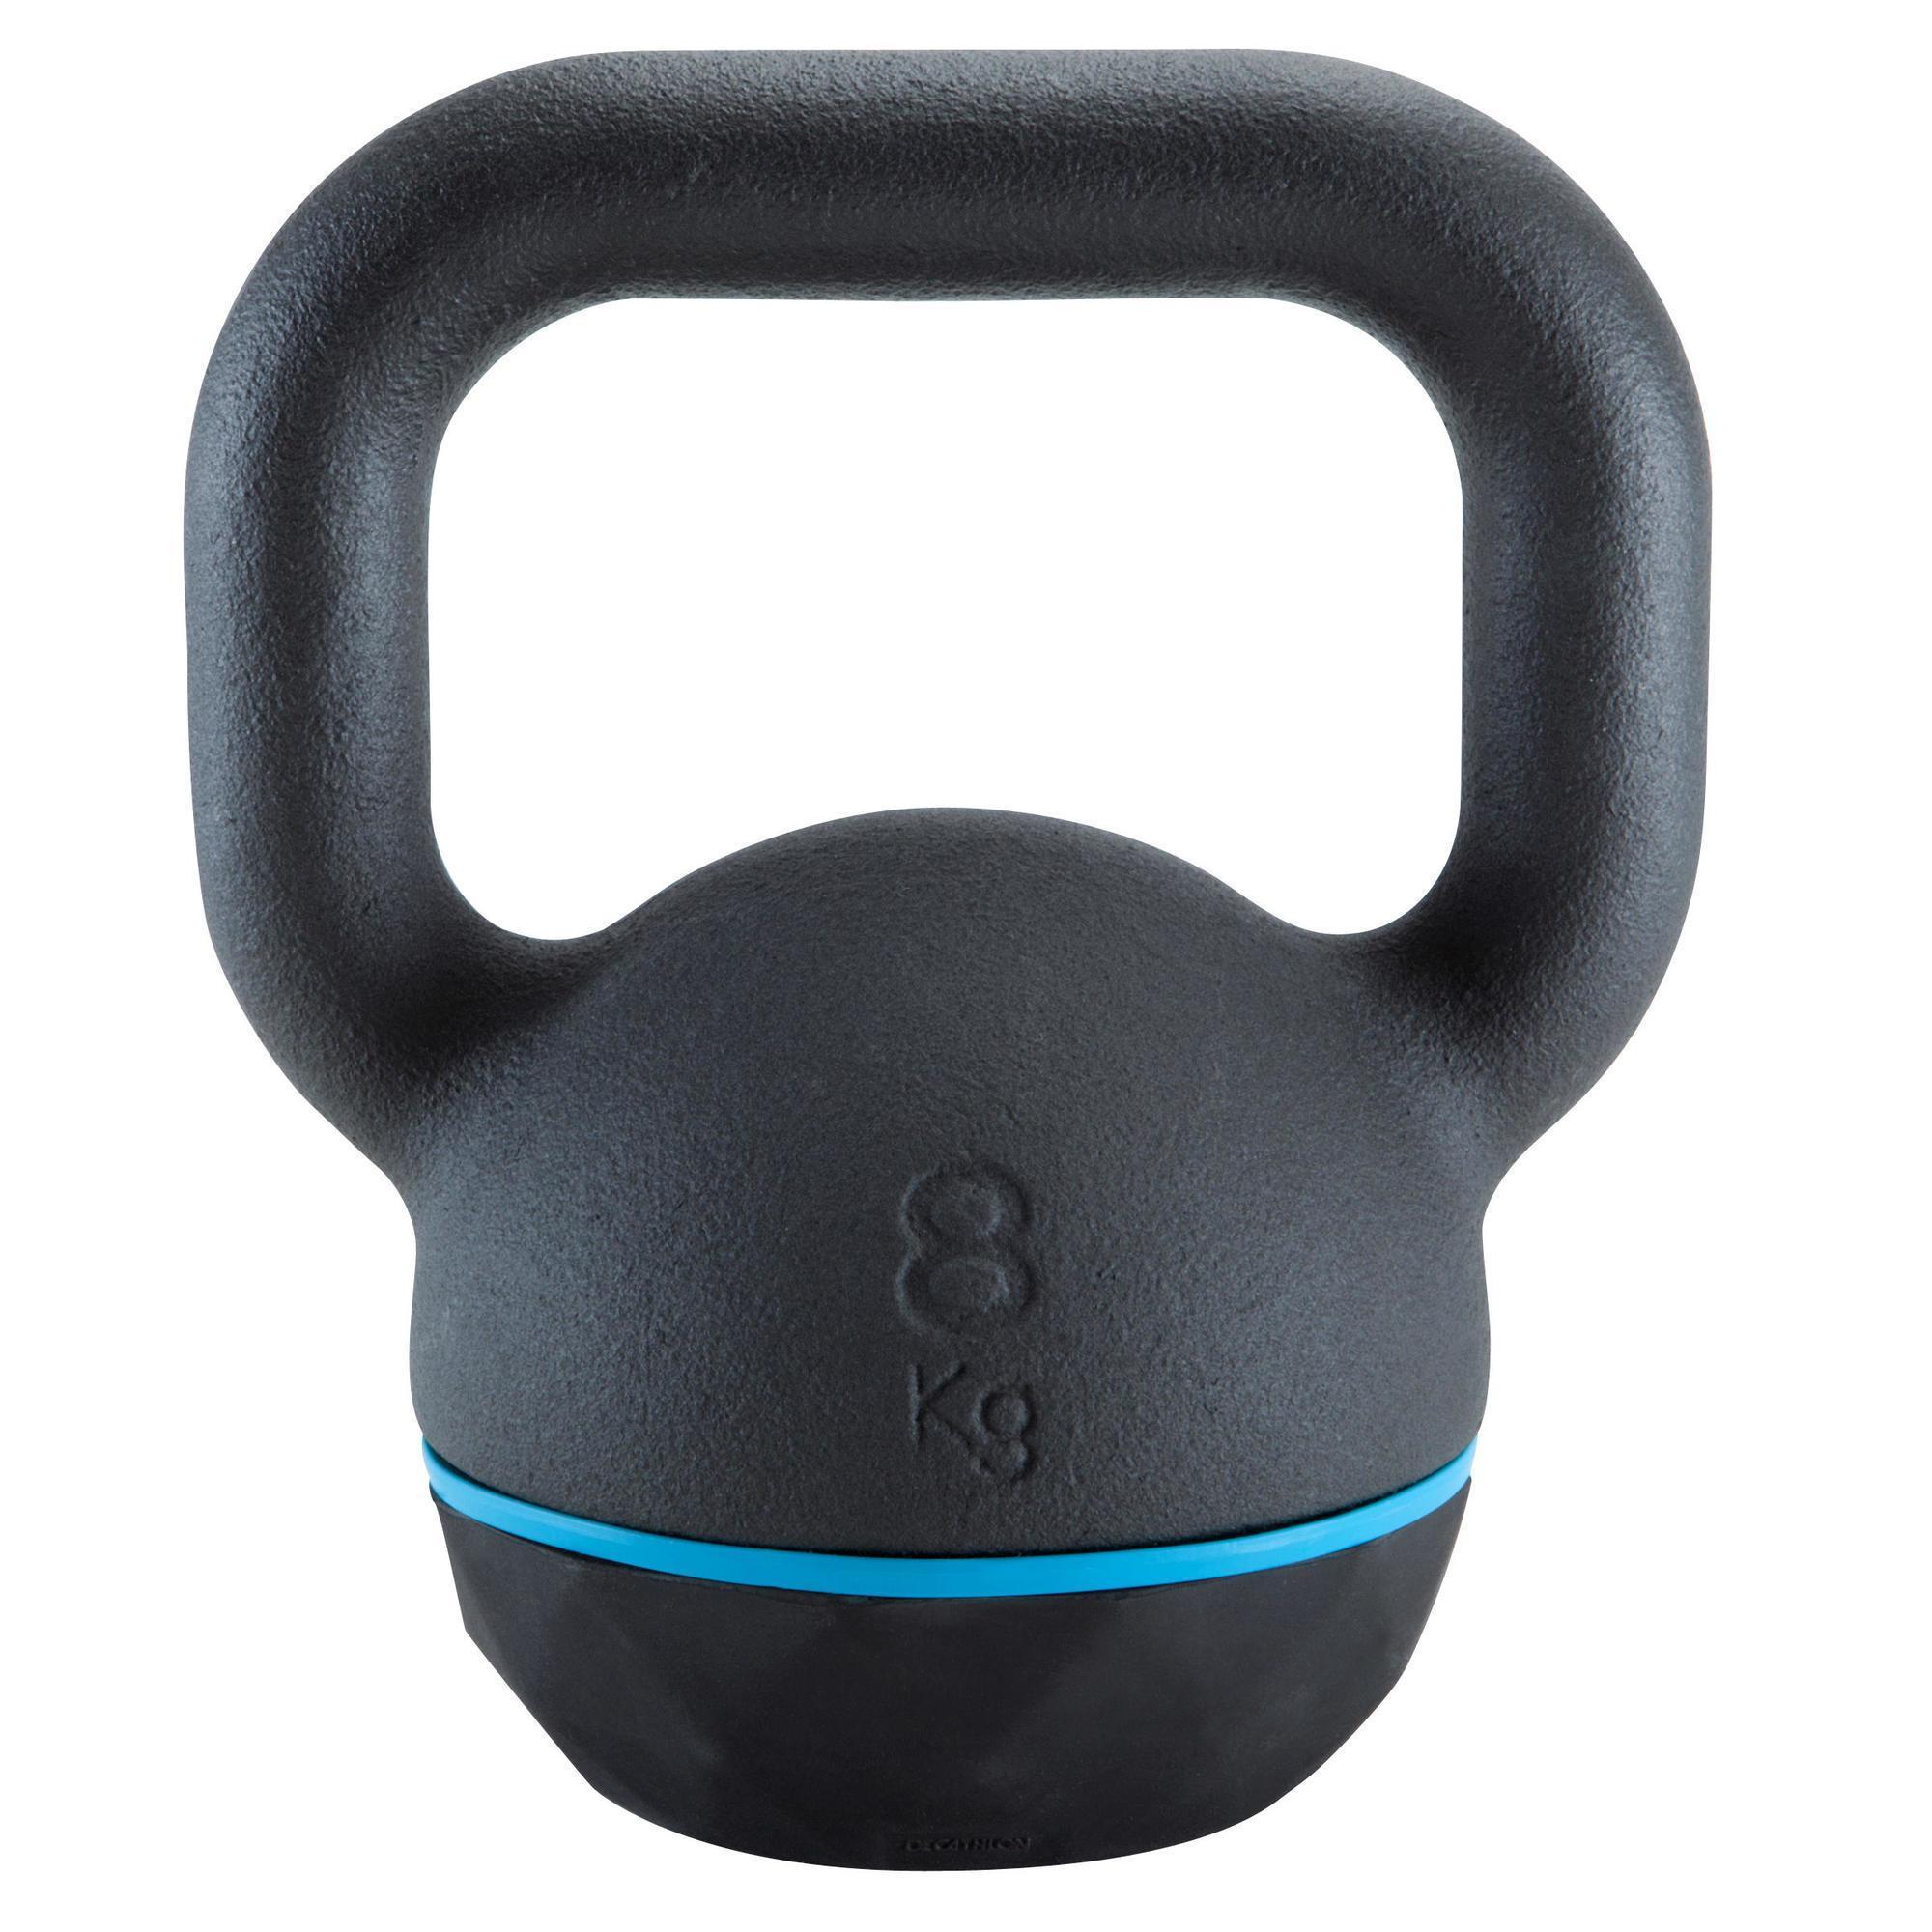 [Decathlon] Kettlebell - Verfügbarkeitsdeal 8kg für 23,99€ und 12kg für 34,99€